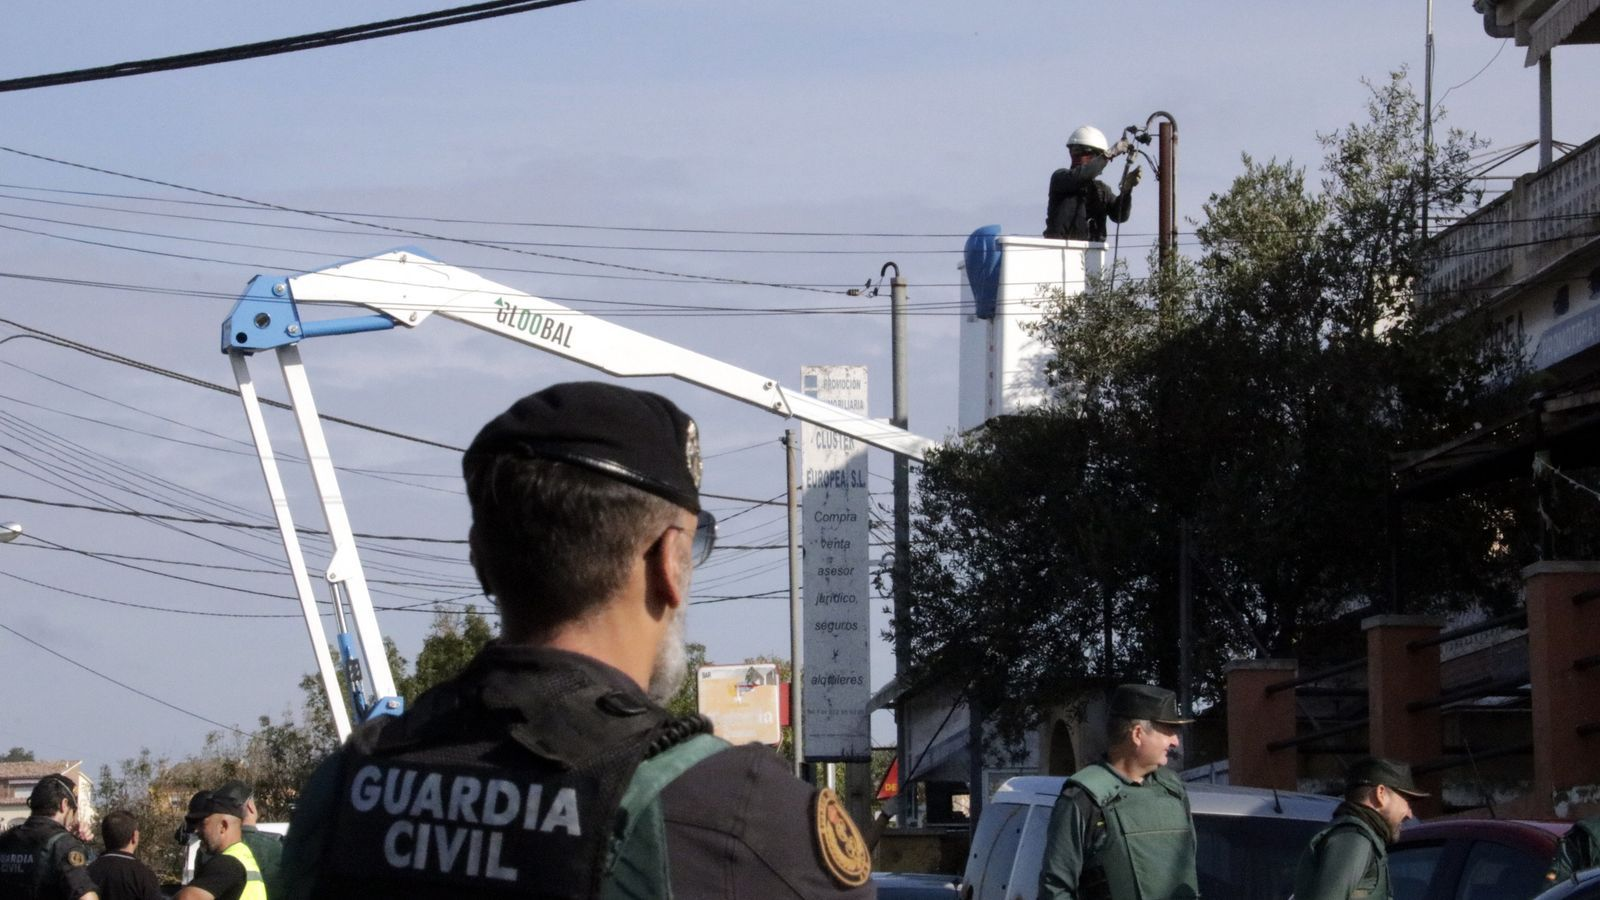 Operaris tallant cables de connexions fraudulentes a Maçanet